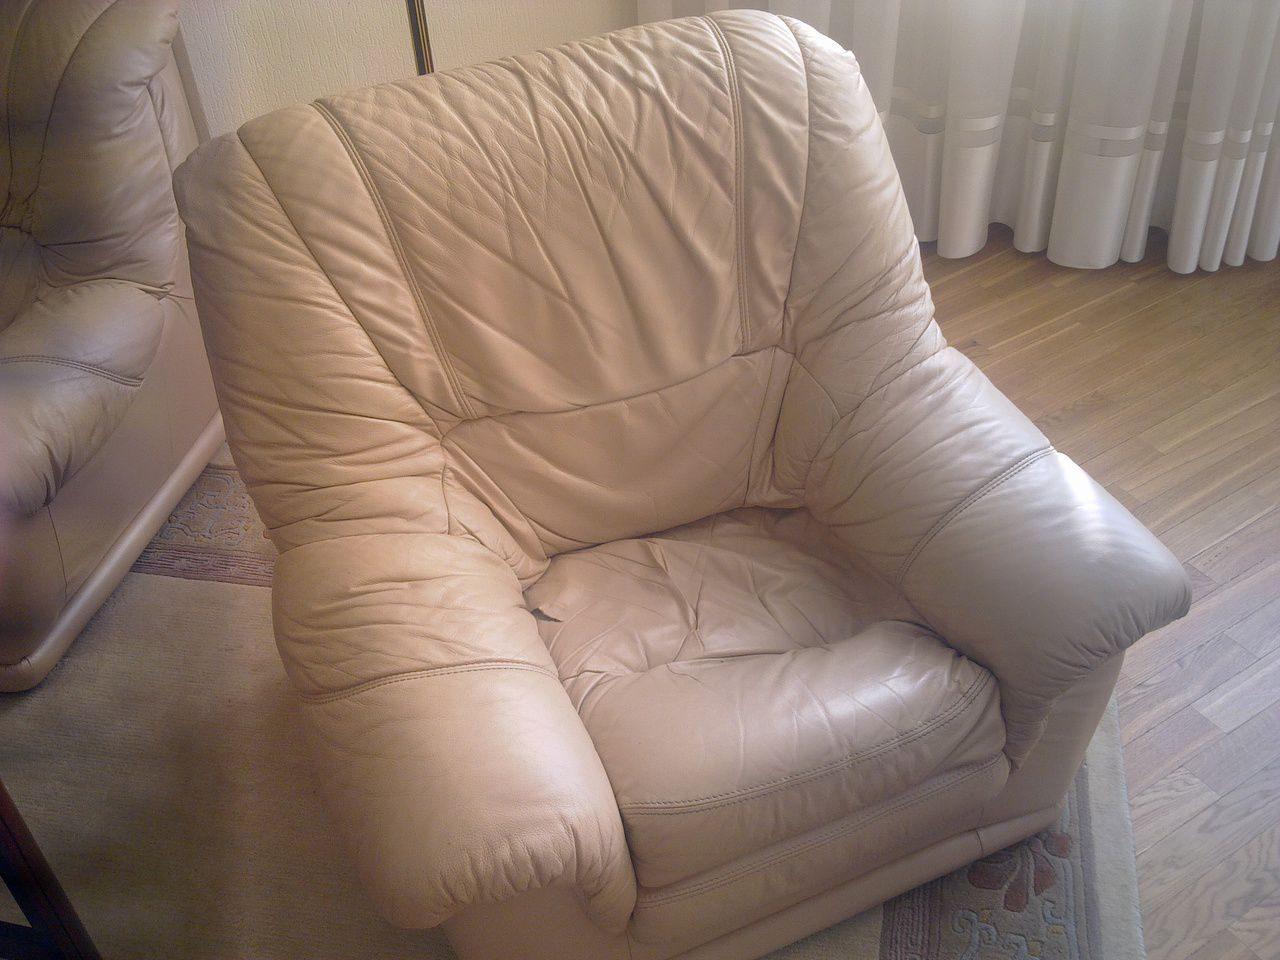 Кожаное кресло фото с девушкой